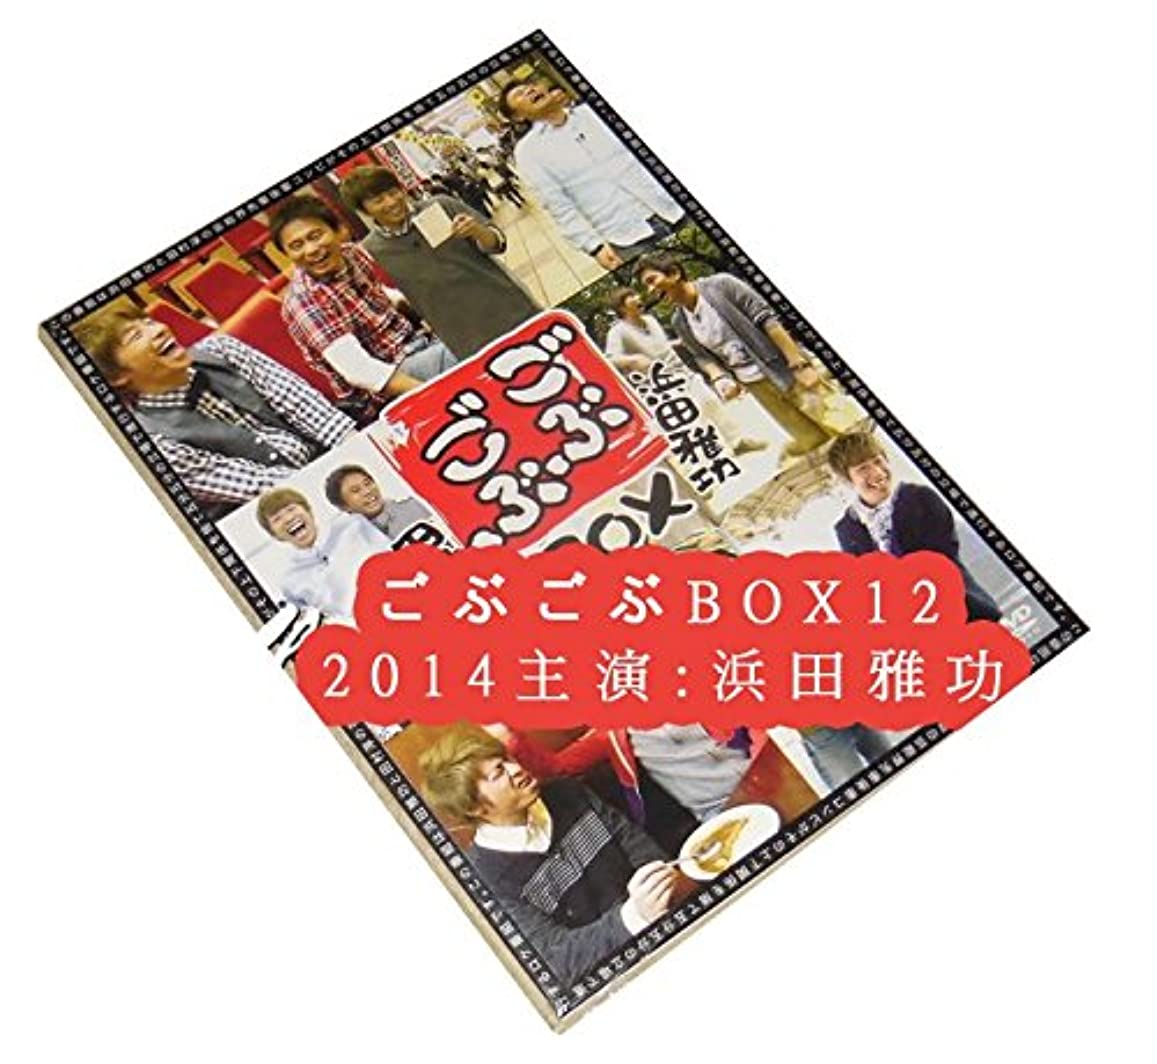 ごぶごぶ BOX12 2014 主演: 浜田雅功